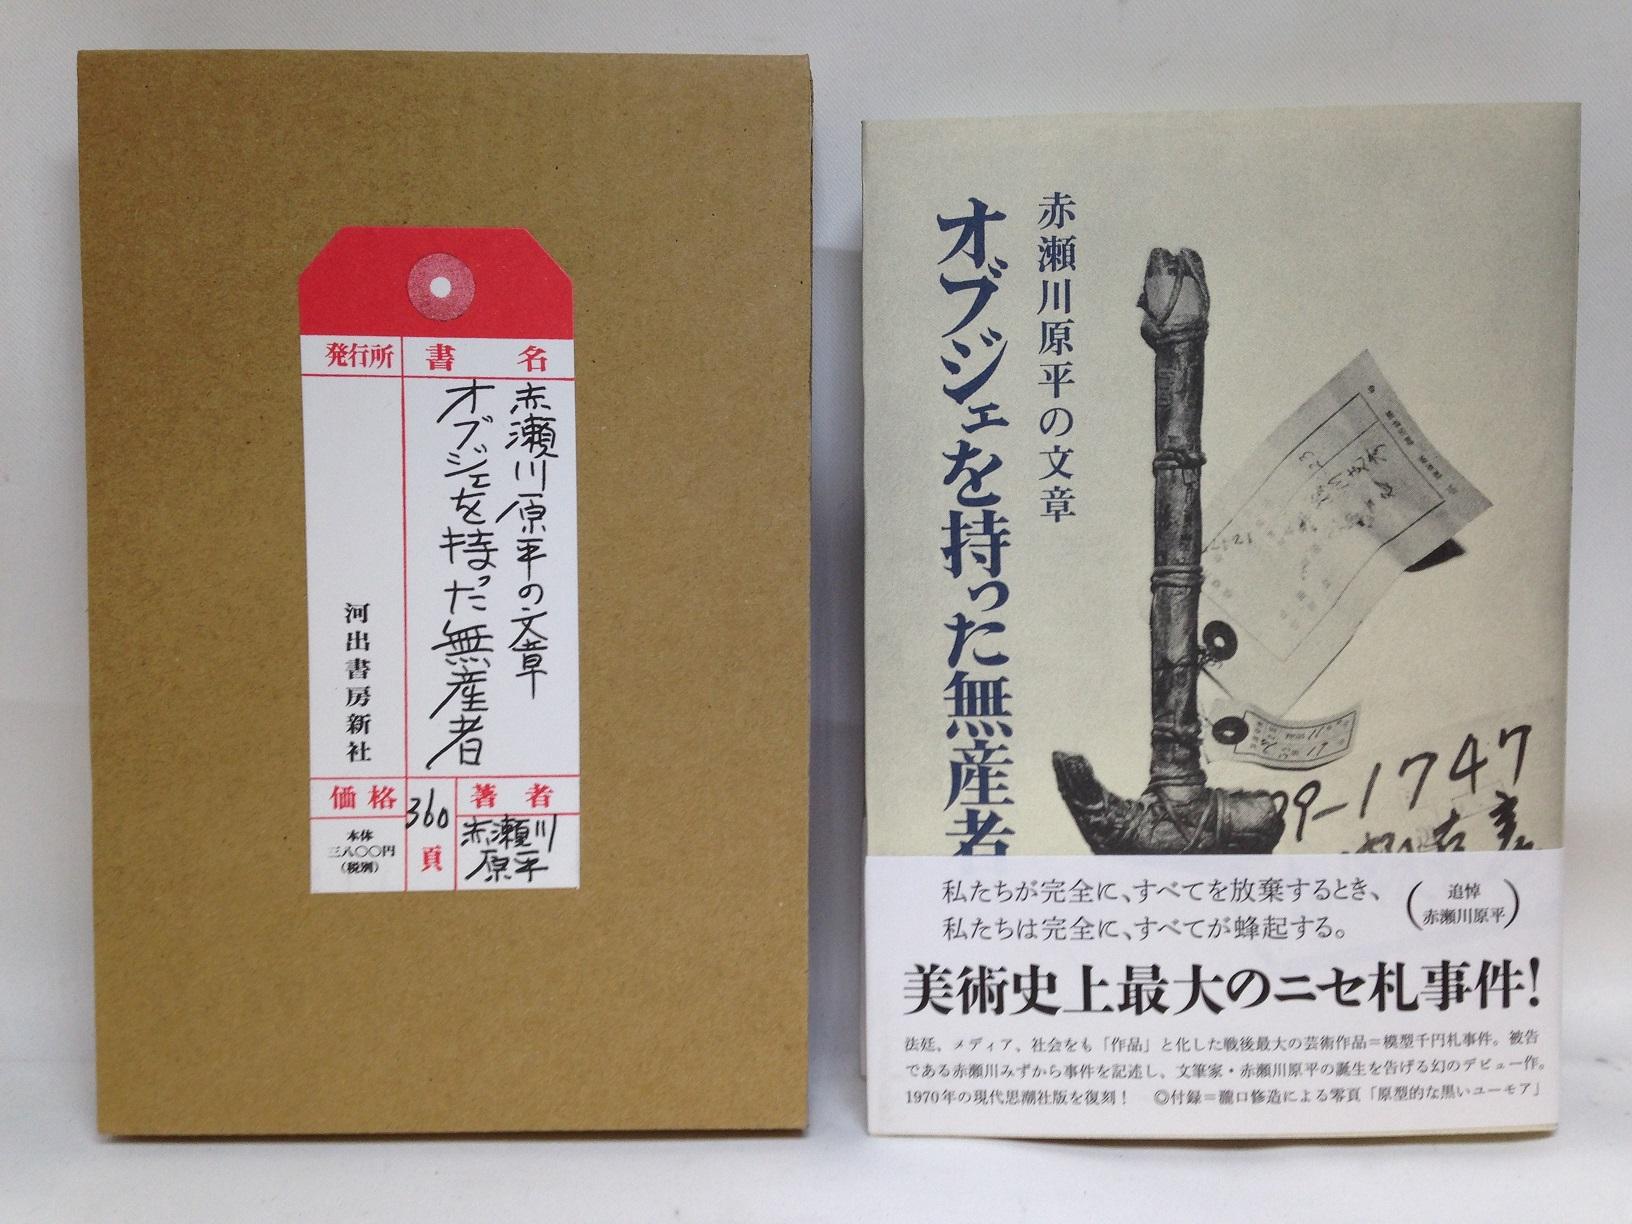 【特価本】オブジェを持った無産者 赤瀬川源平の文章画像